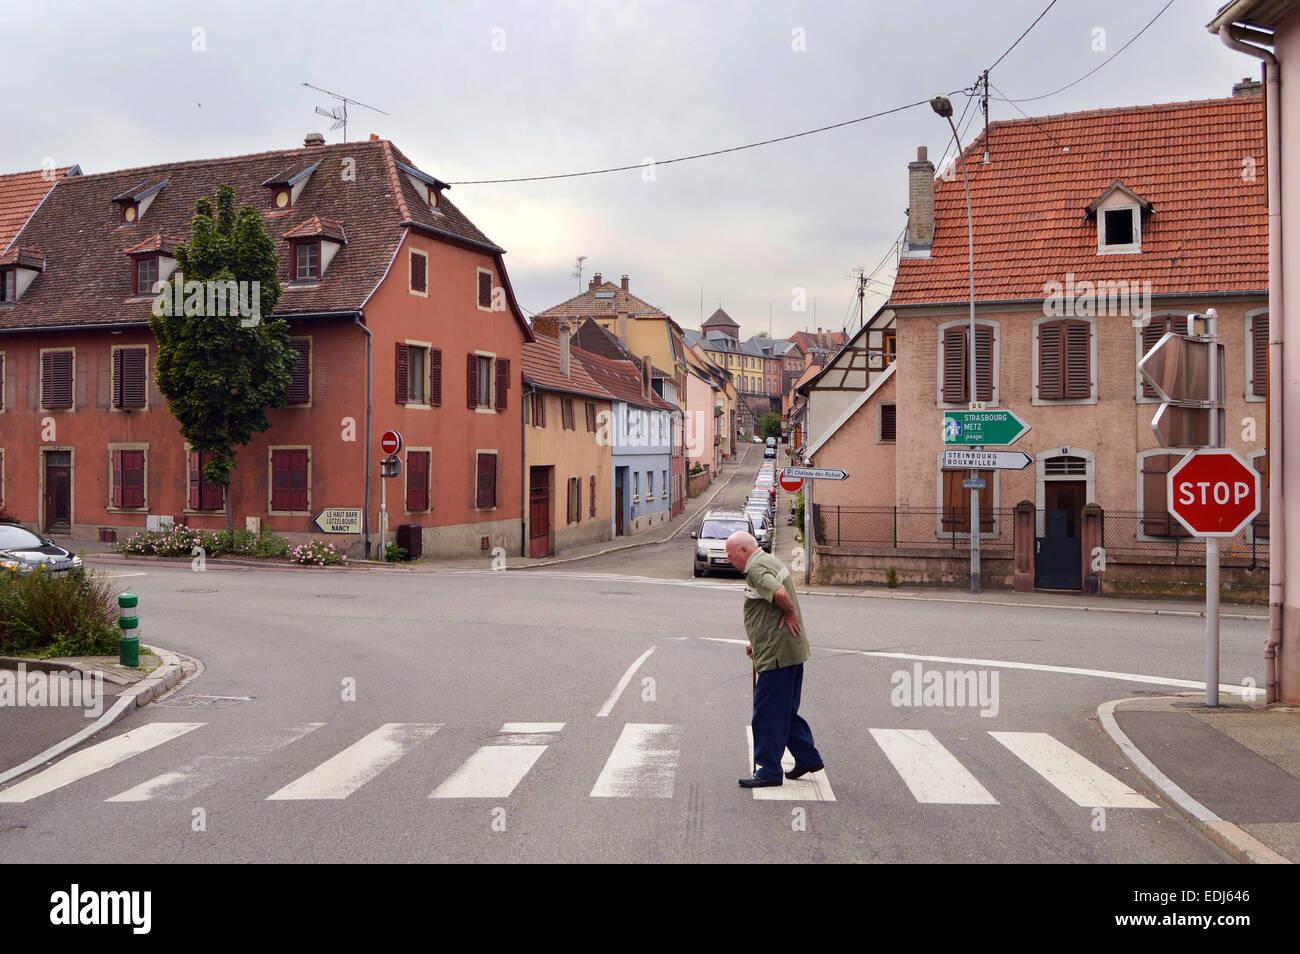 SAVERNE, FRANCE - AOÛT 2012: streetview à un carrefour dans le village français Saverne dans Photo Stock